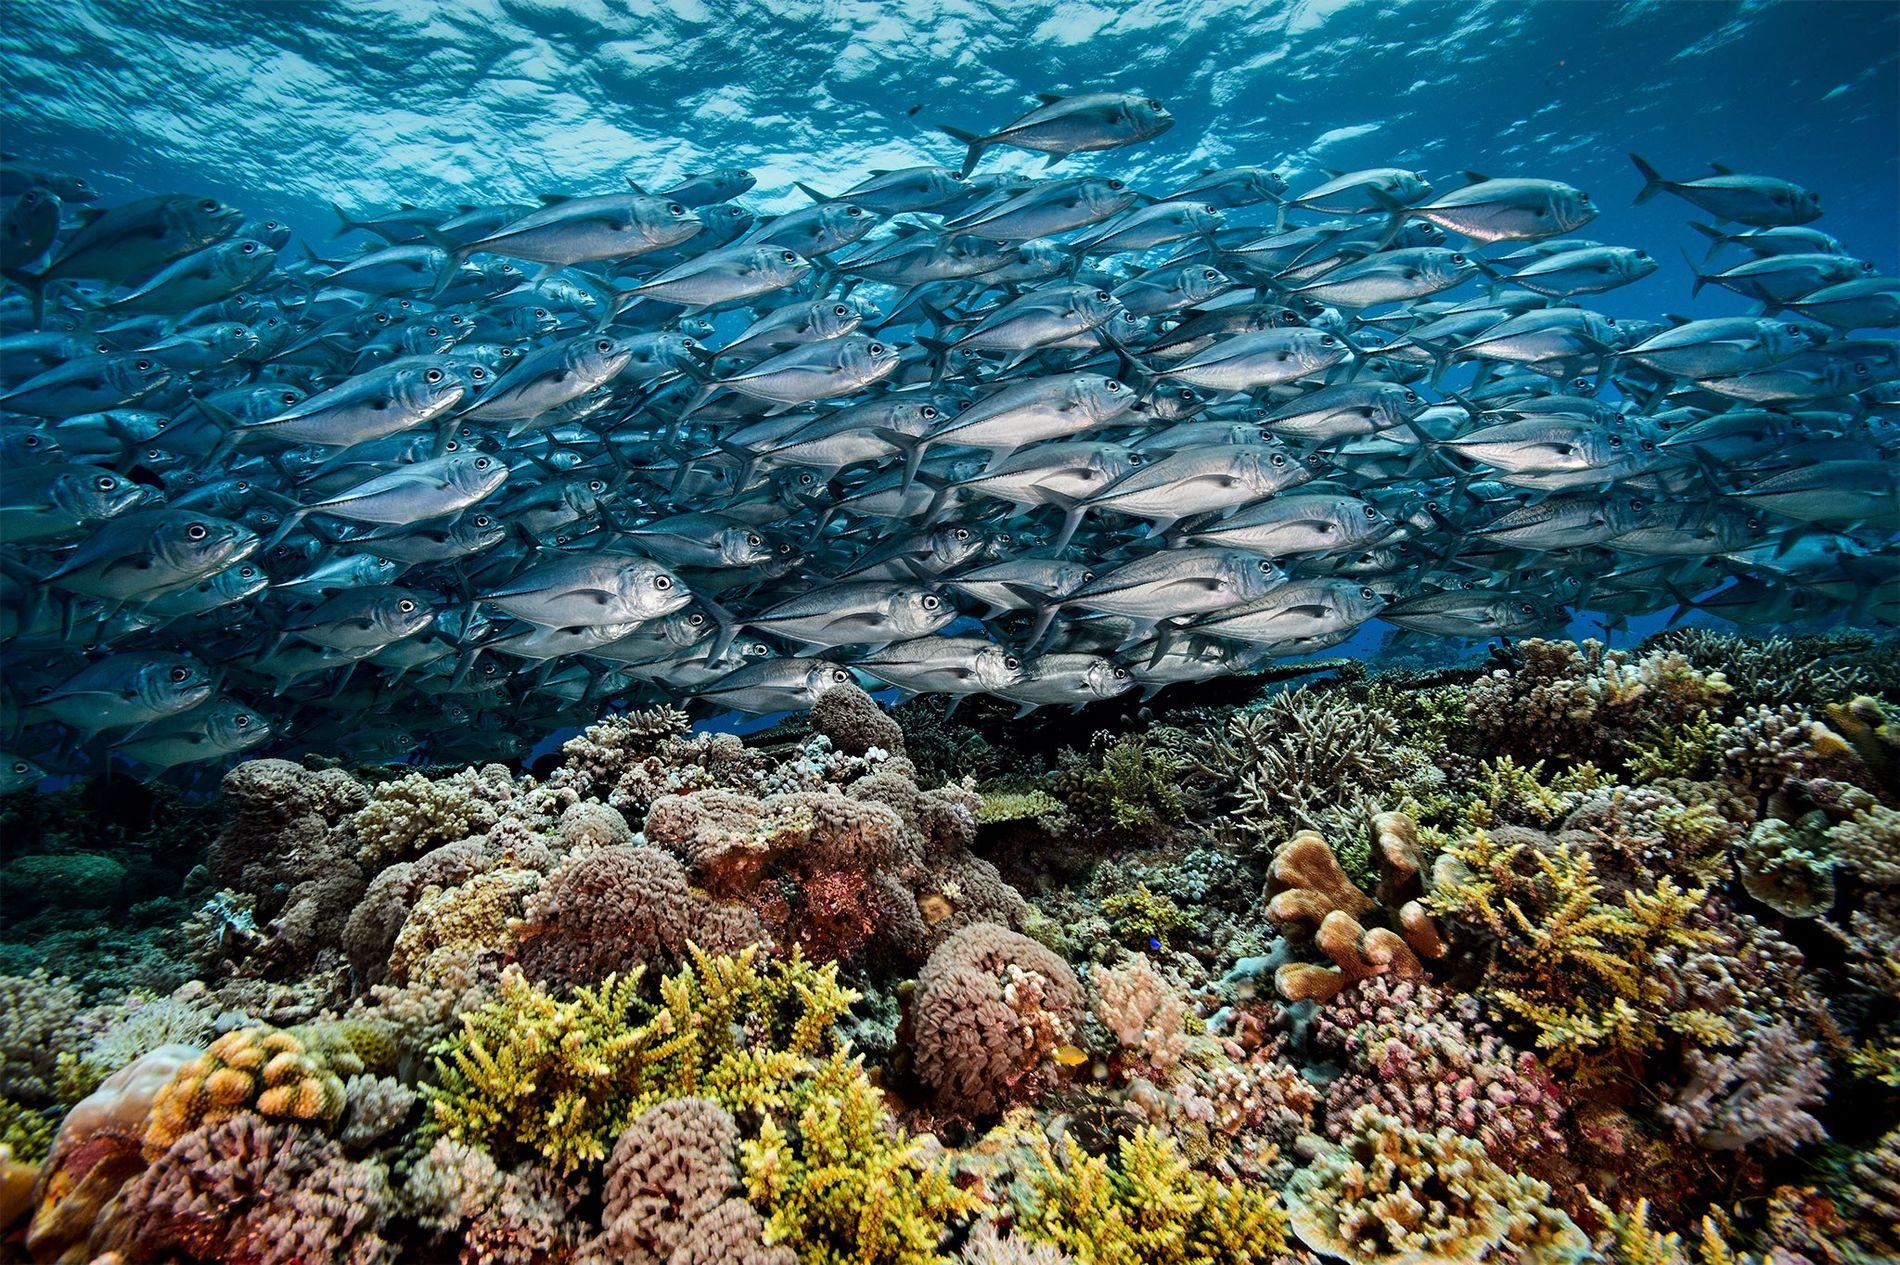 Dans l'atoll de South Reef du récif de Tubbataha, un banc de madeleineaux vogue au-dessus d'une prairie de coraux, formant une rivière argentée.